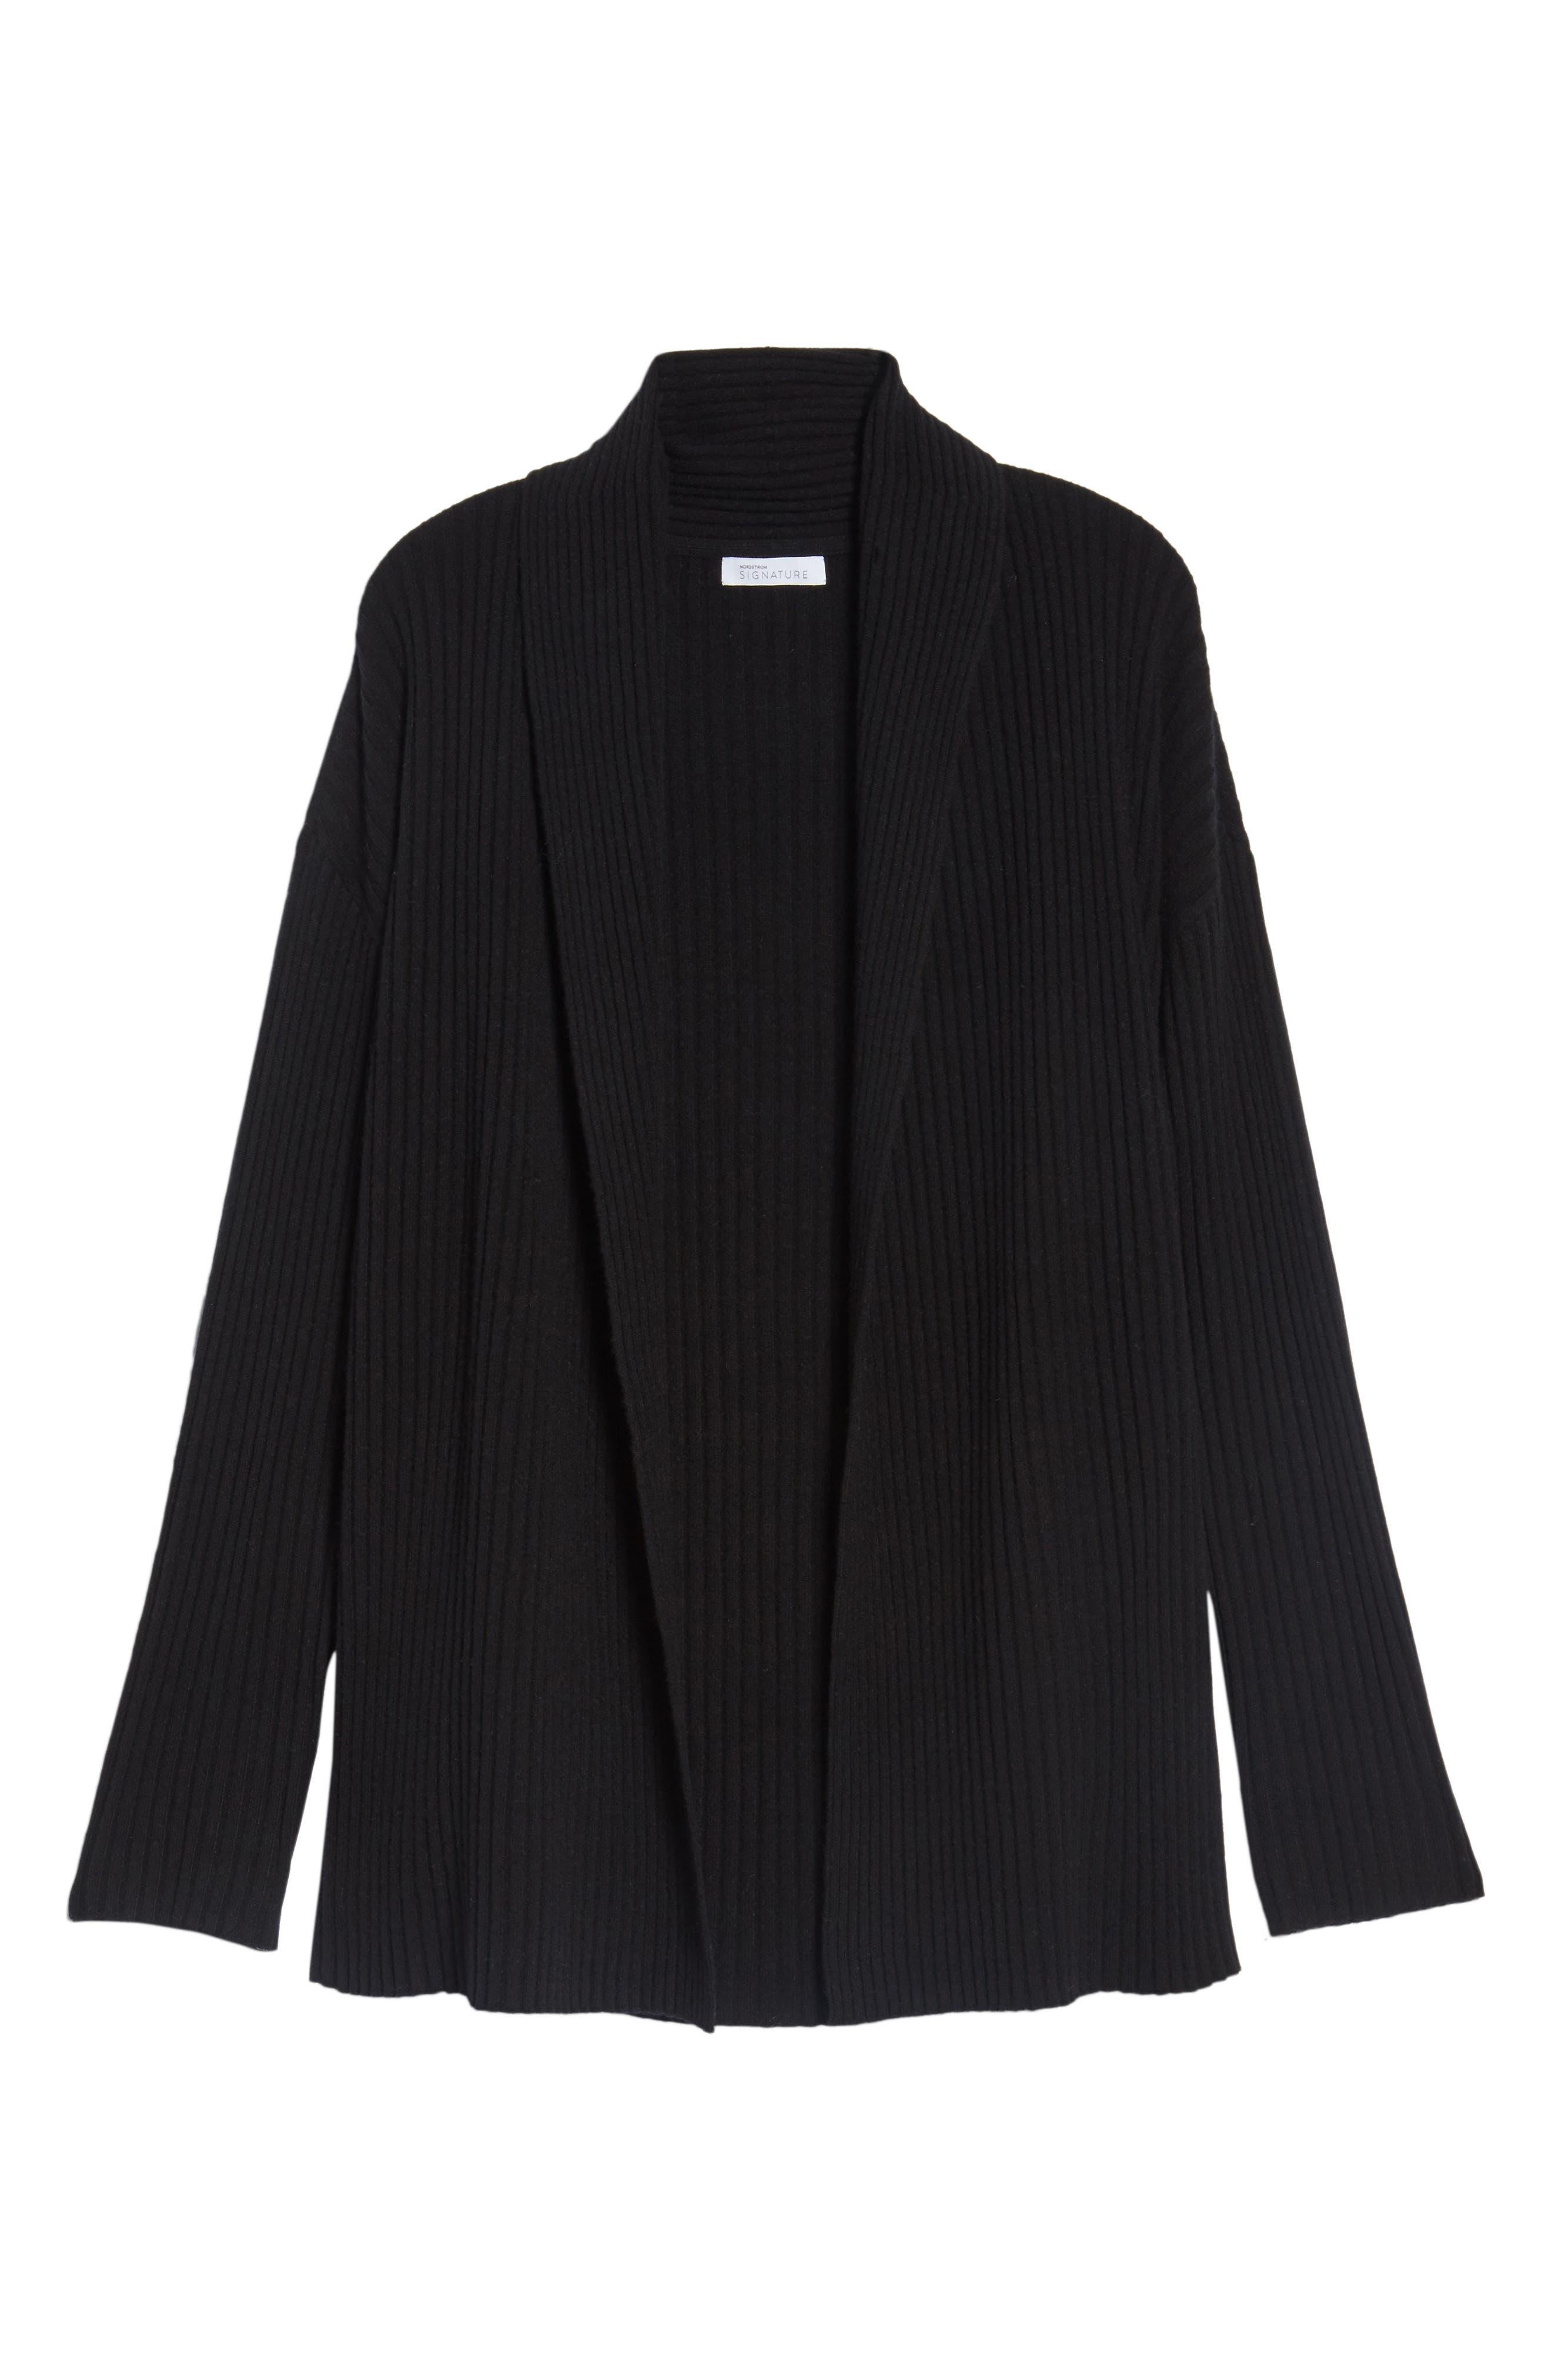 Rib Knit Cashmere Cardigan,                             Alternate thumbnail 4, color,                             Black